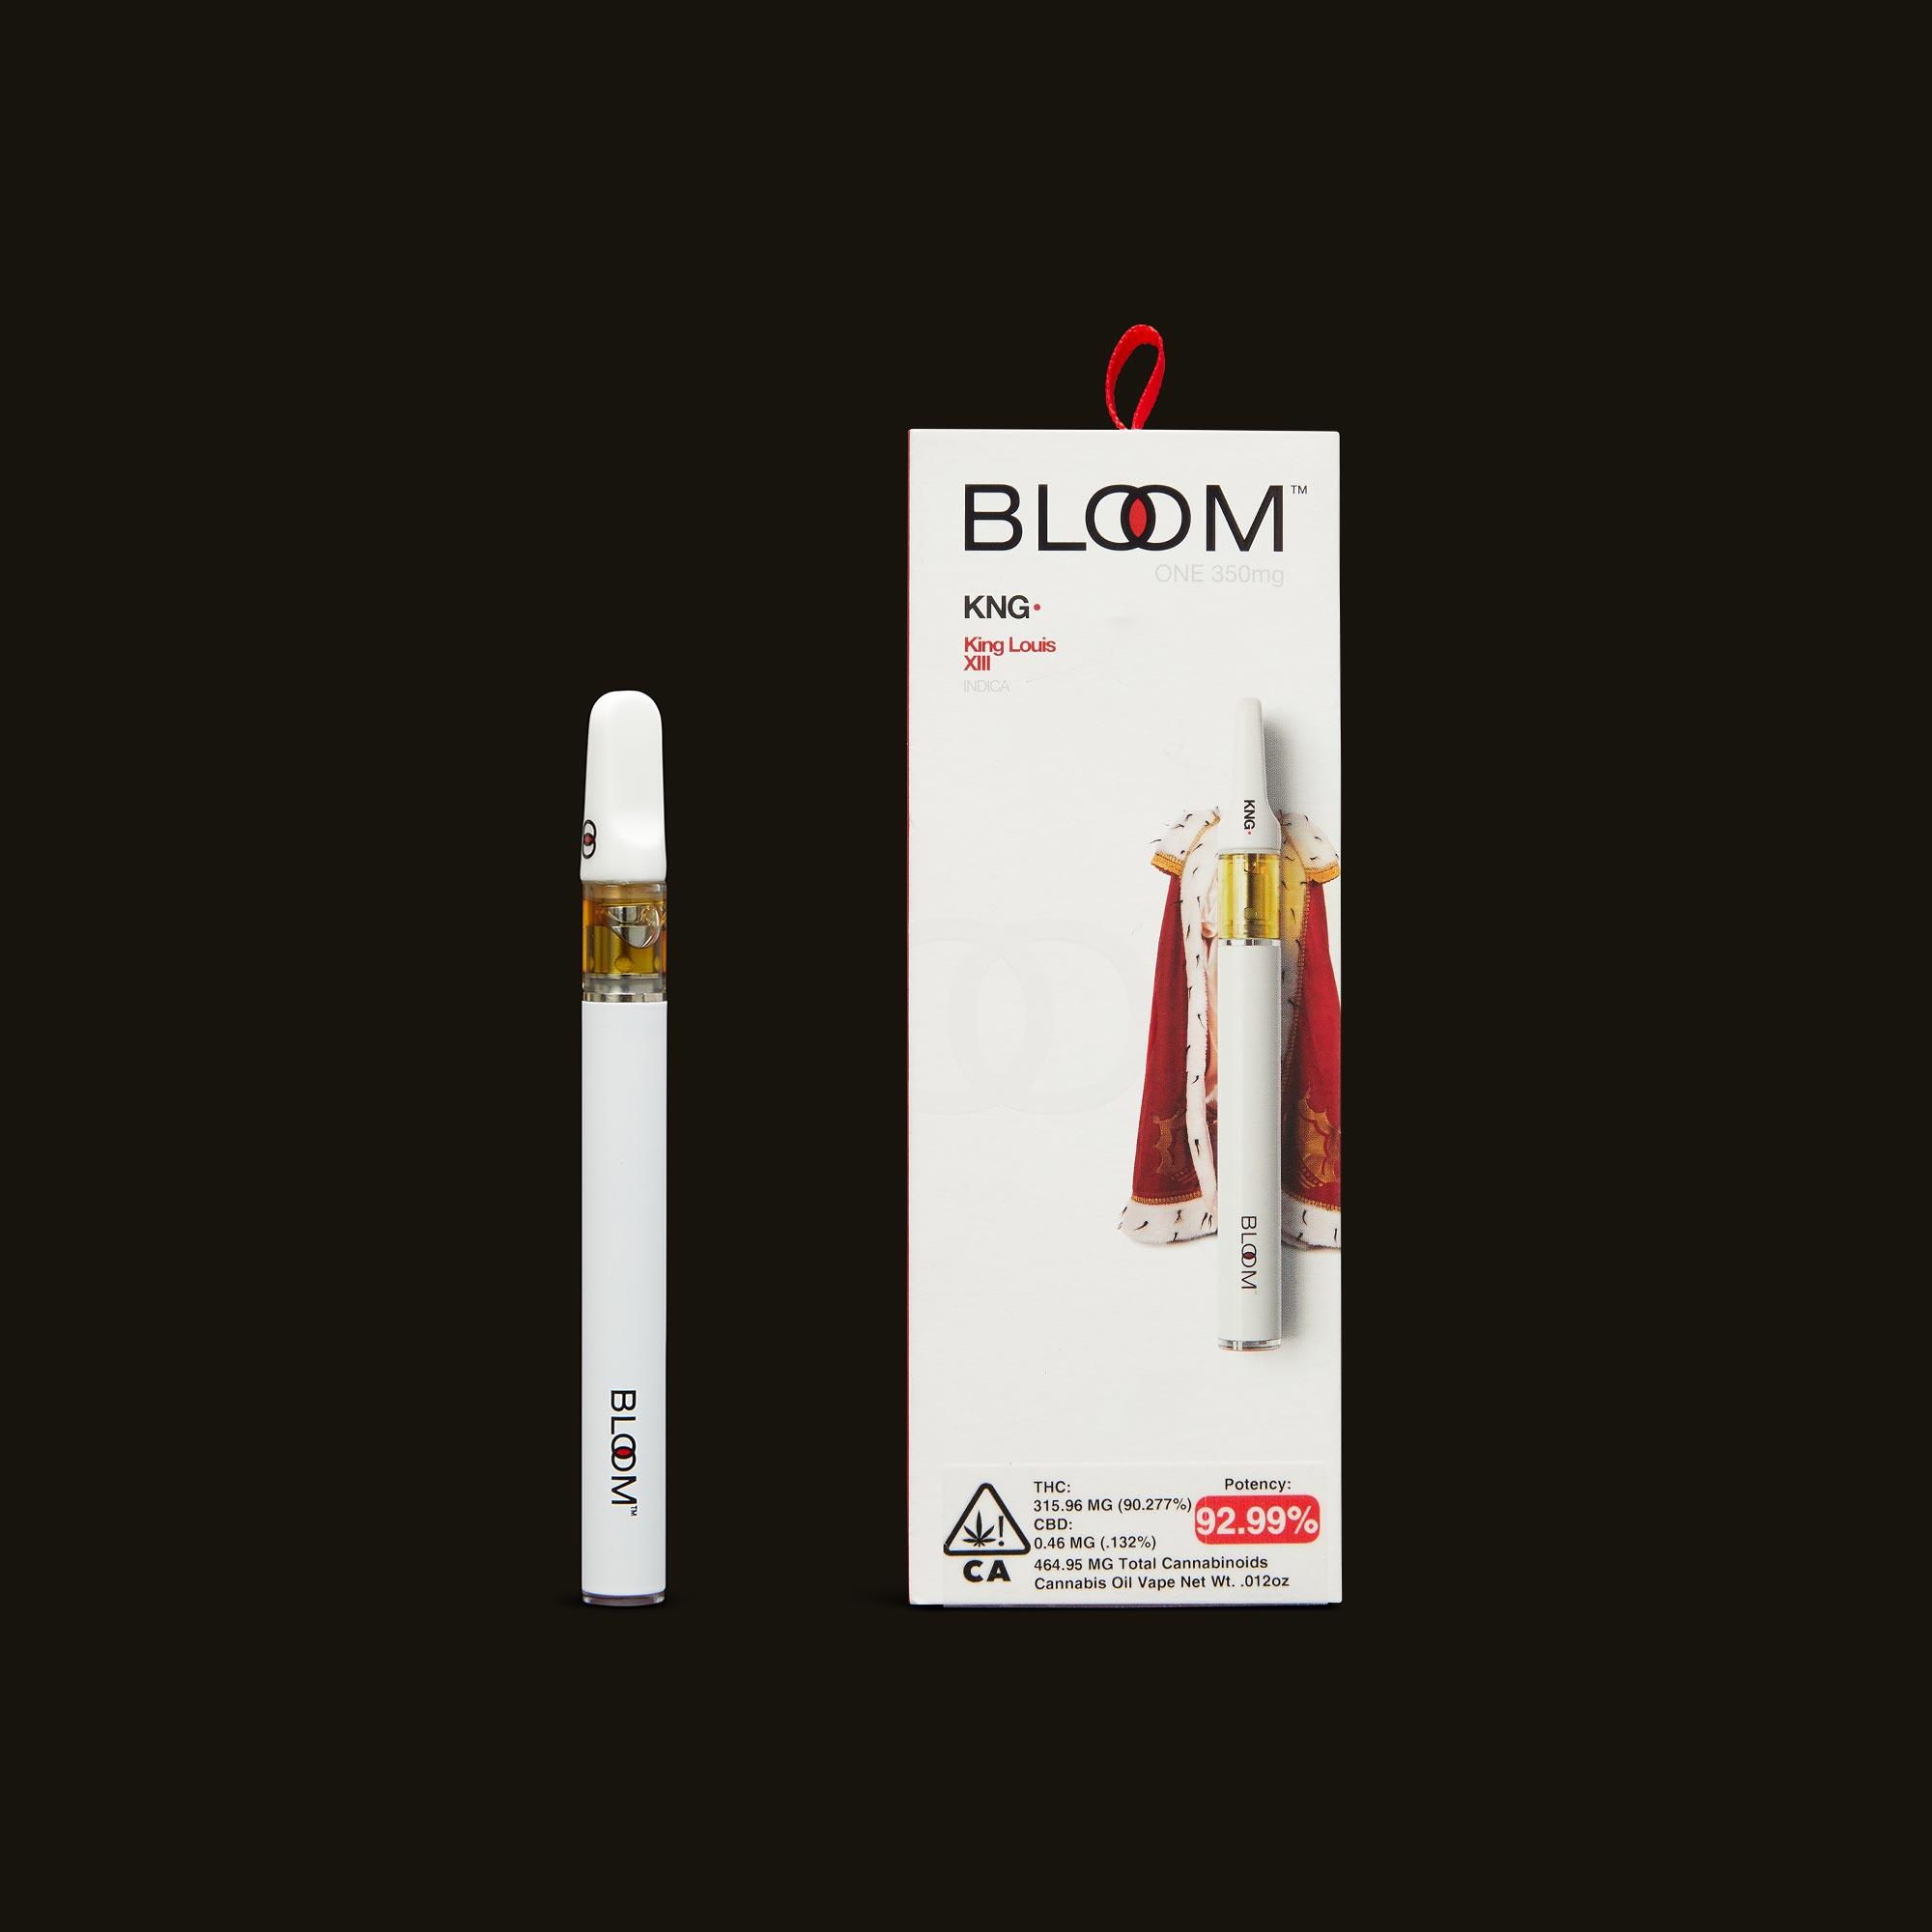 King Louis Bloom One by Bloom Brands